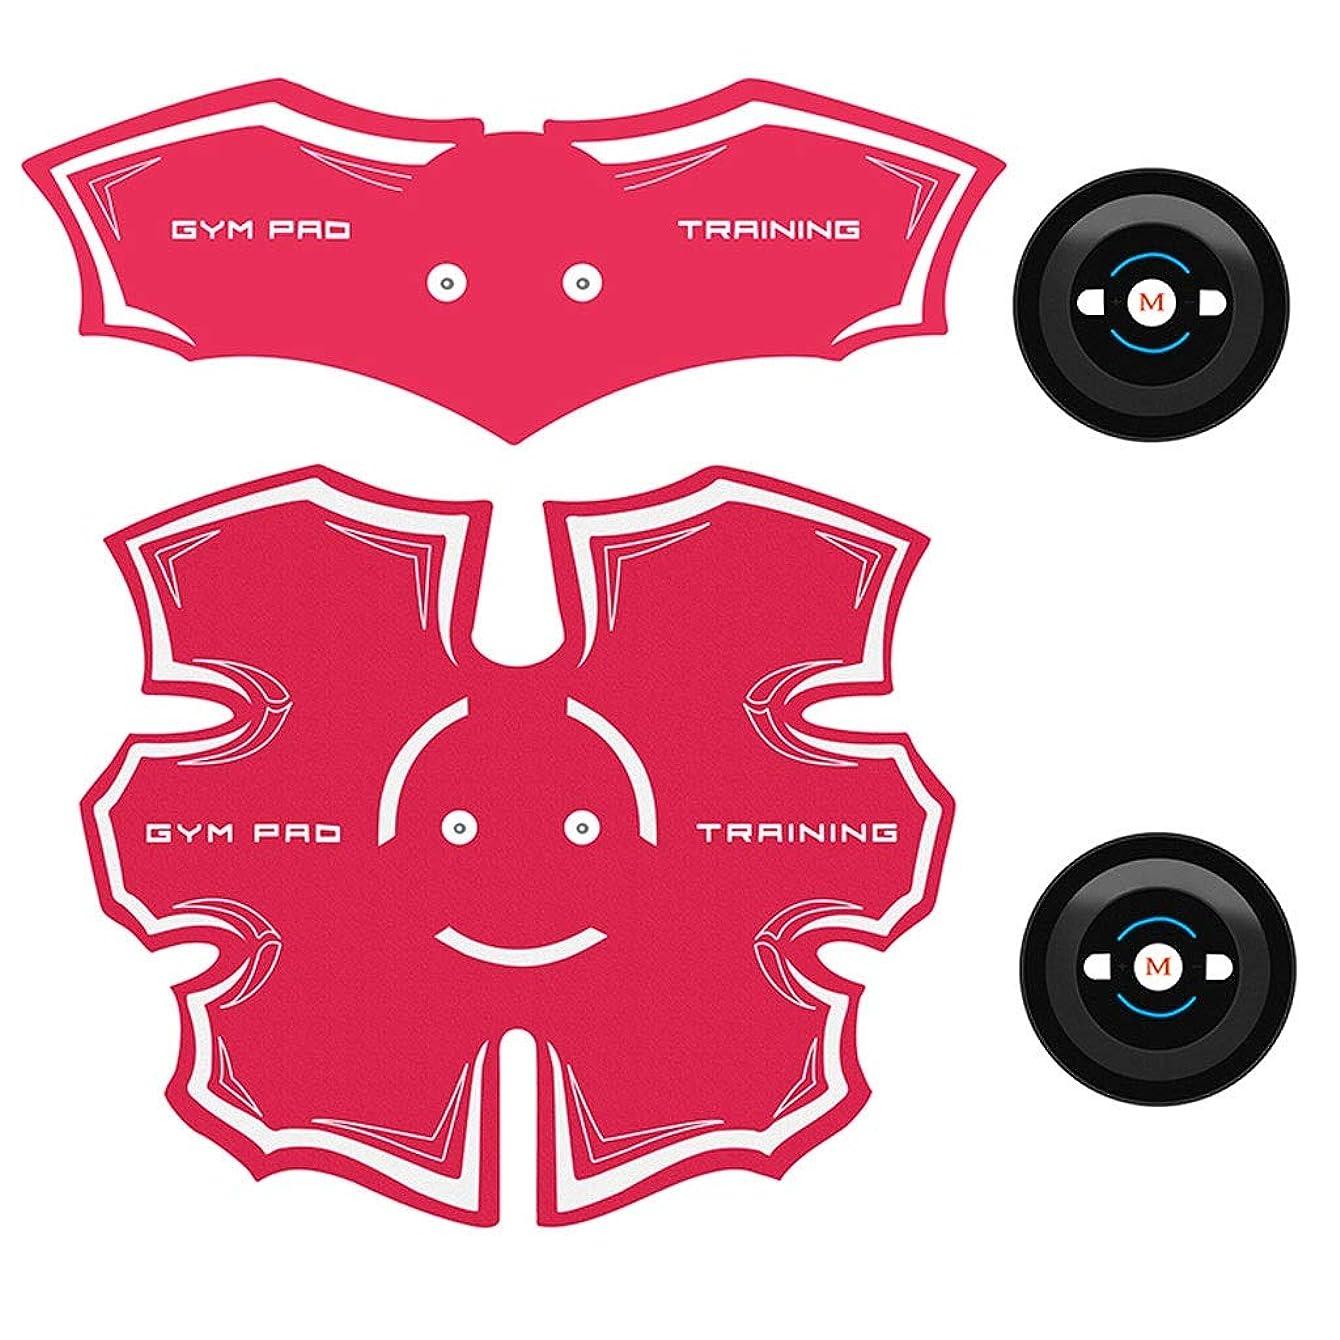 ミルク代表団評論家ABSトレーナーEMS筋肉刺激装置付き - USB充電式究極腹部刺激装置付きリズム&ソフトインパルス - ポータブル筋肉トナーで簡単な操作 (Color : Pink, Size : D)